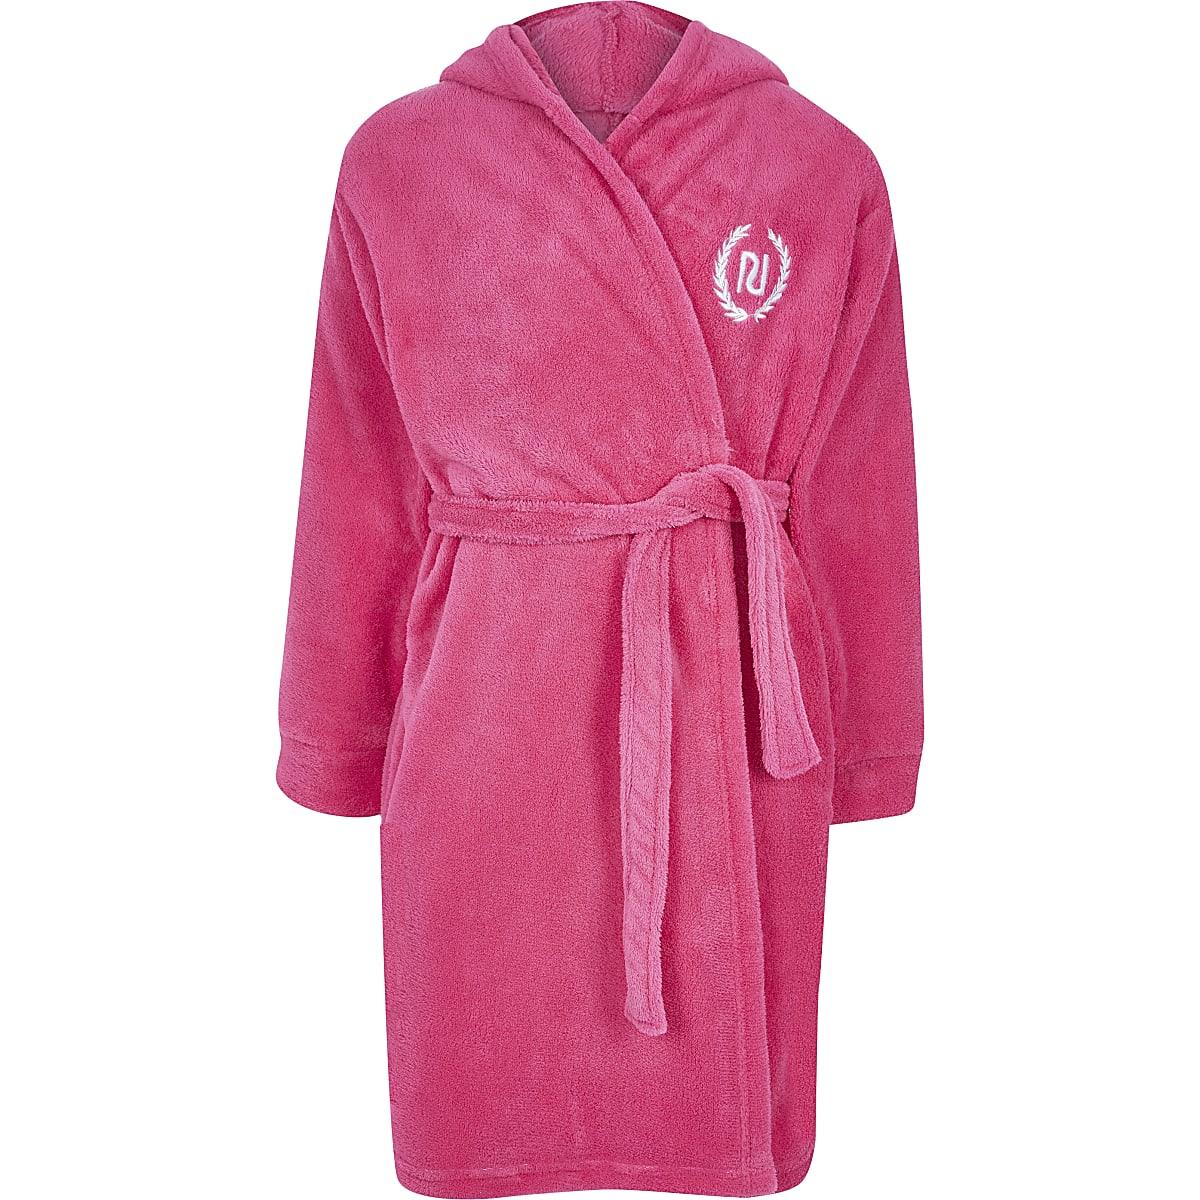 Roze pluizige RI badjas voor meisjes